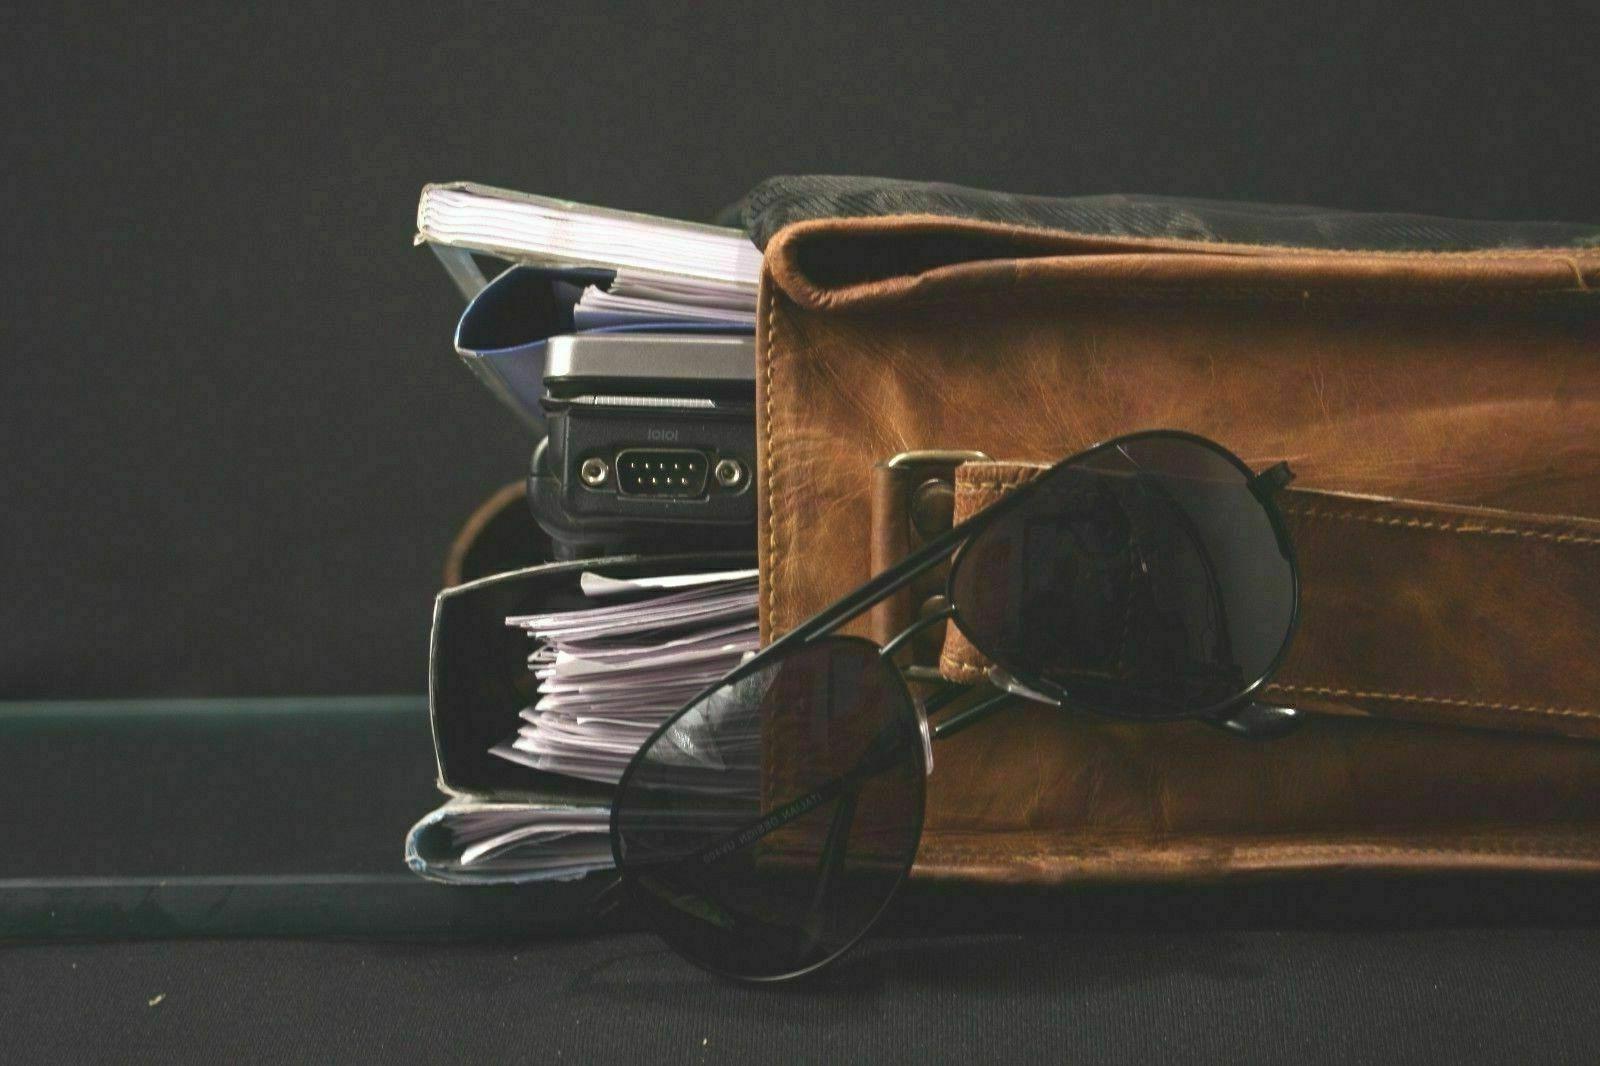 LAPTOP Bags Vintage Brown Leather SHOULDER